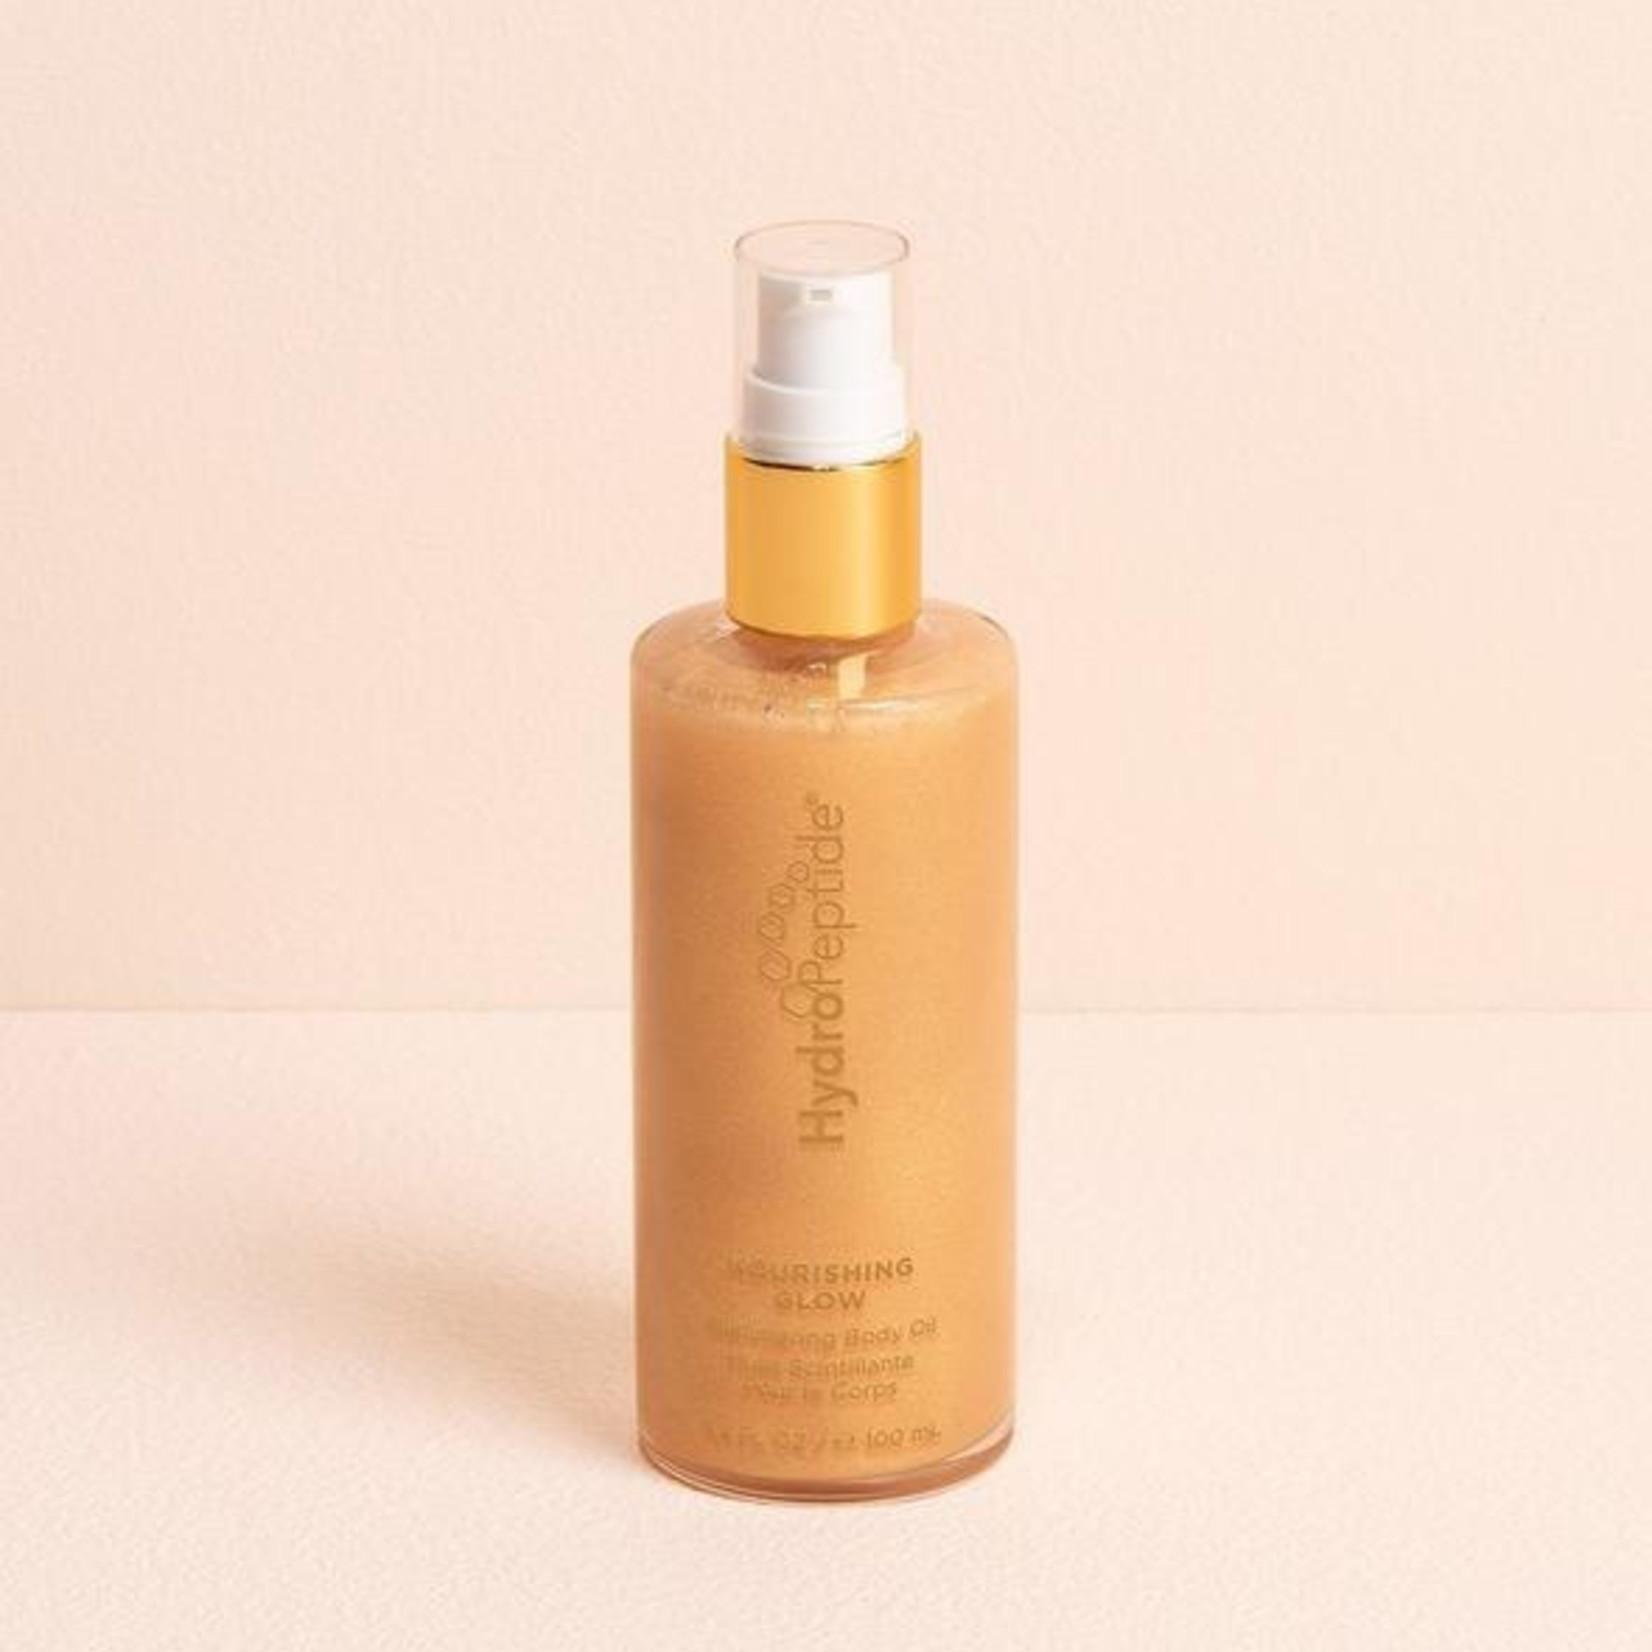 HydroPeptide Nourishing glow: shimmering body oil